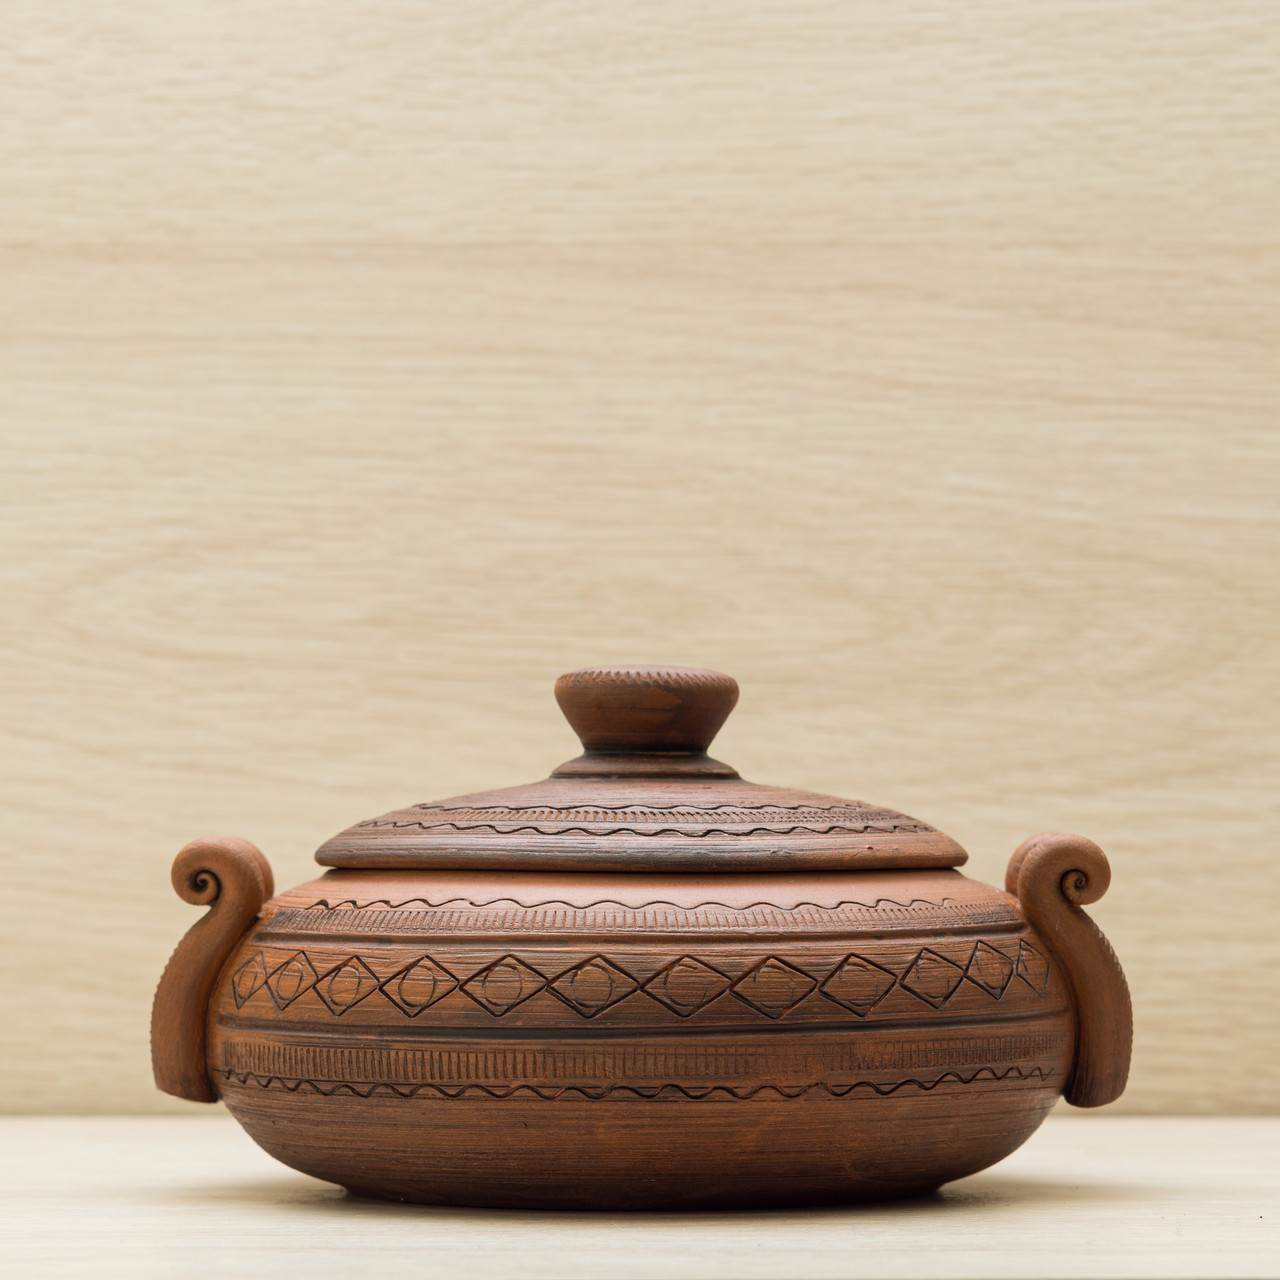 Колбасник глиняный 0,5л резка Орнамент, в/п глазурь